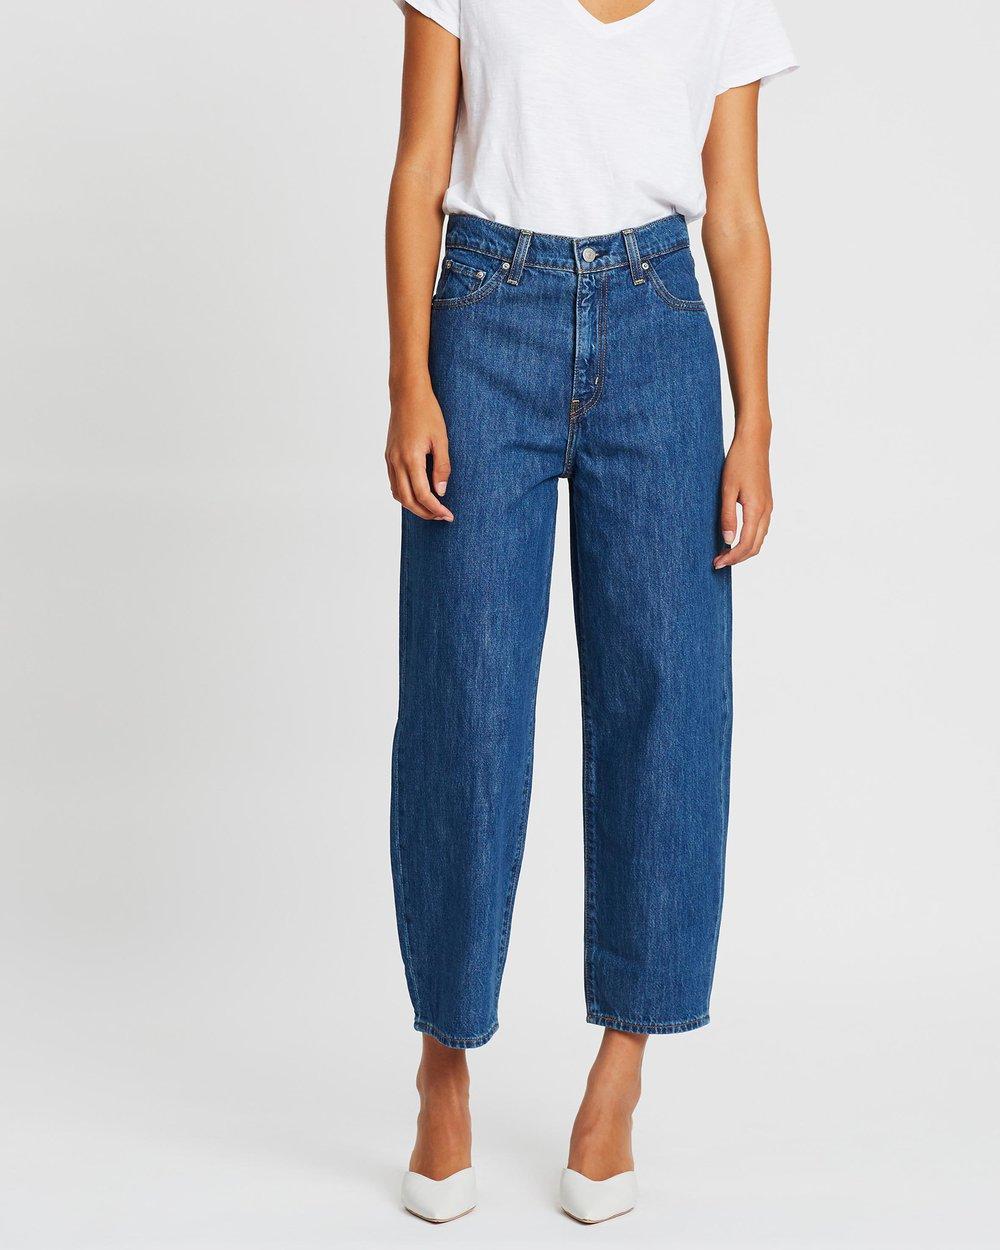 https://www.levi.com/ES/es_ES/ropa/mujer/vaqueros/balloon-leg-jeans/p/853140002